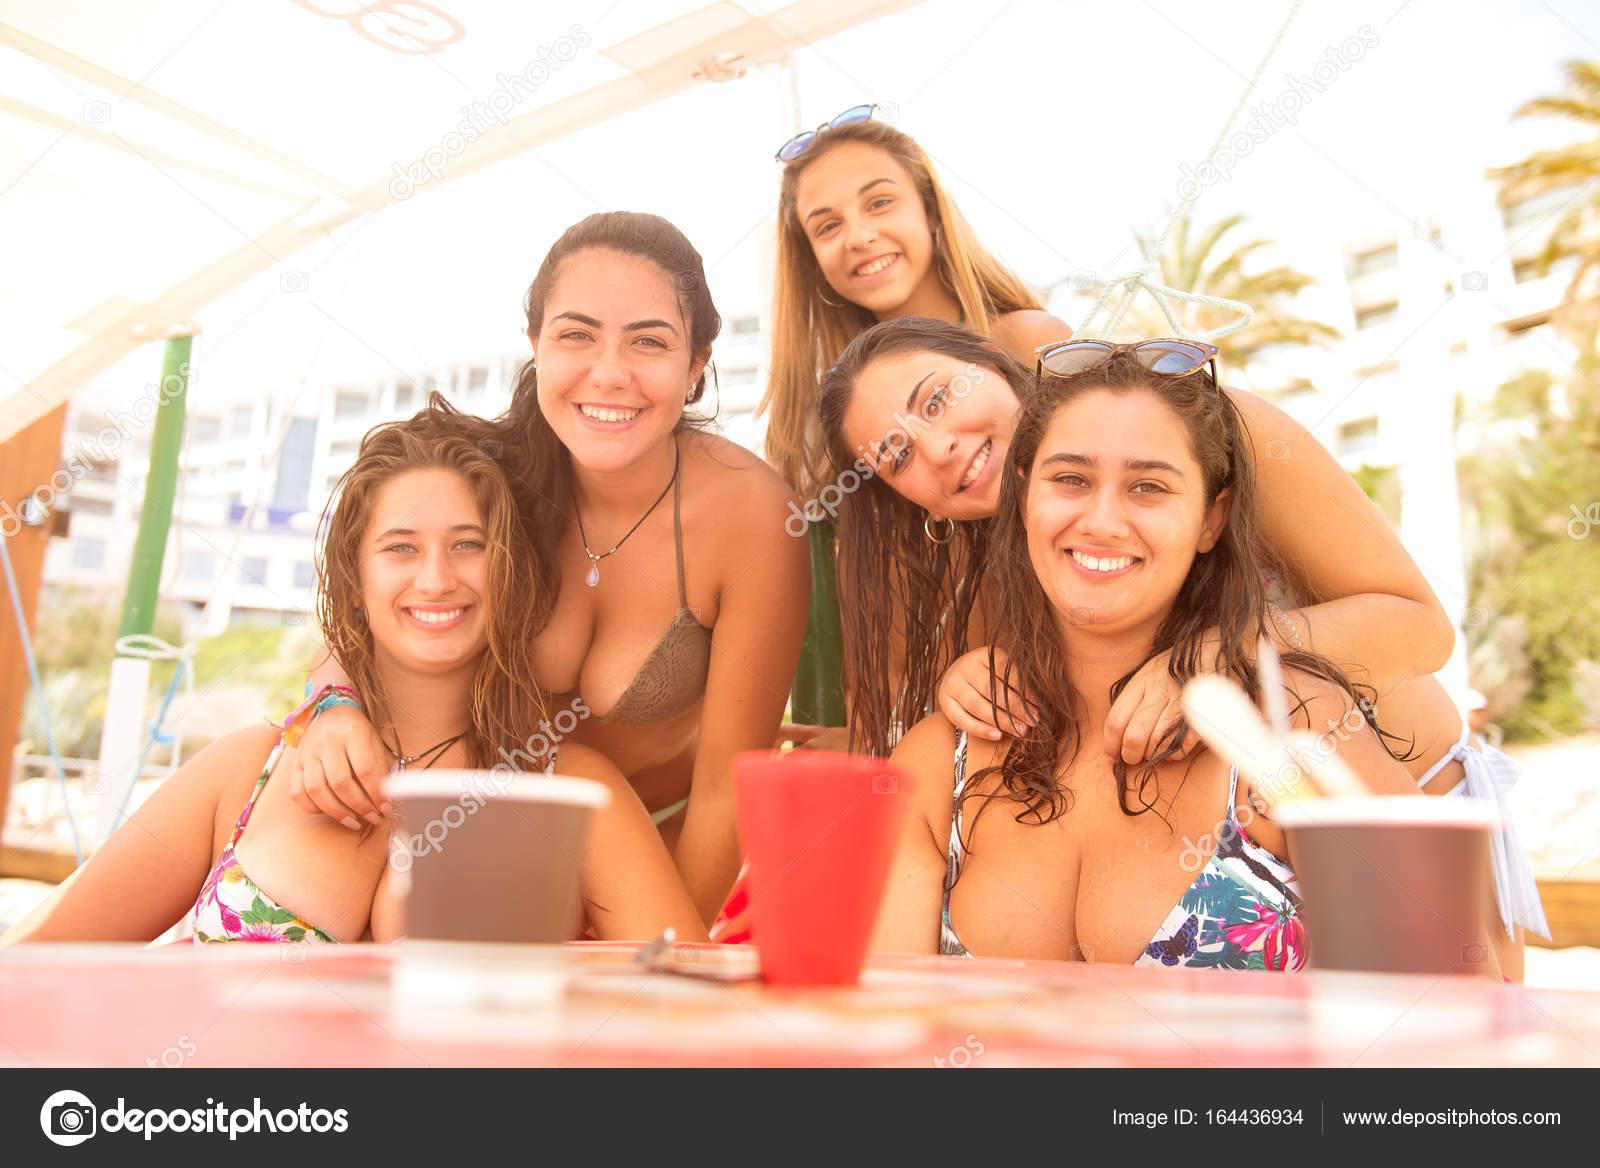 Fotos Para Grupos De Amigos Y Amigas Grupo De Amigos En La Playa